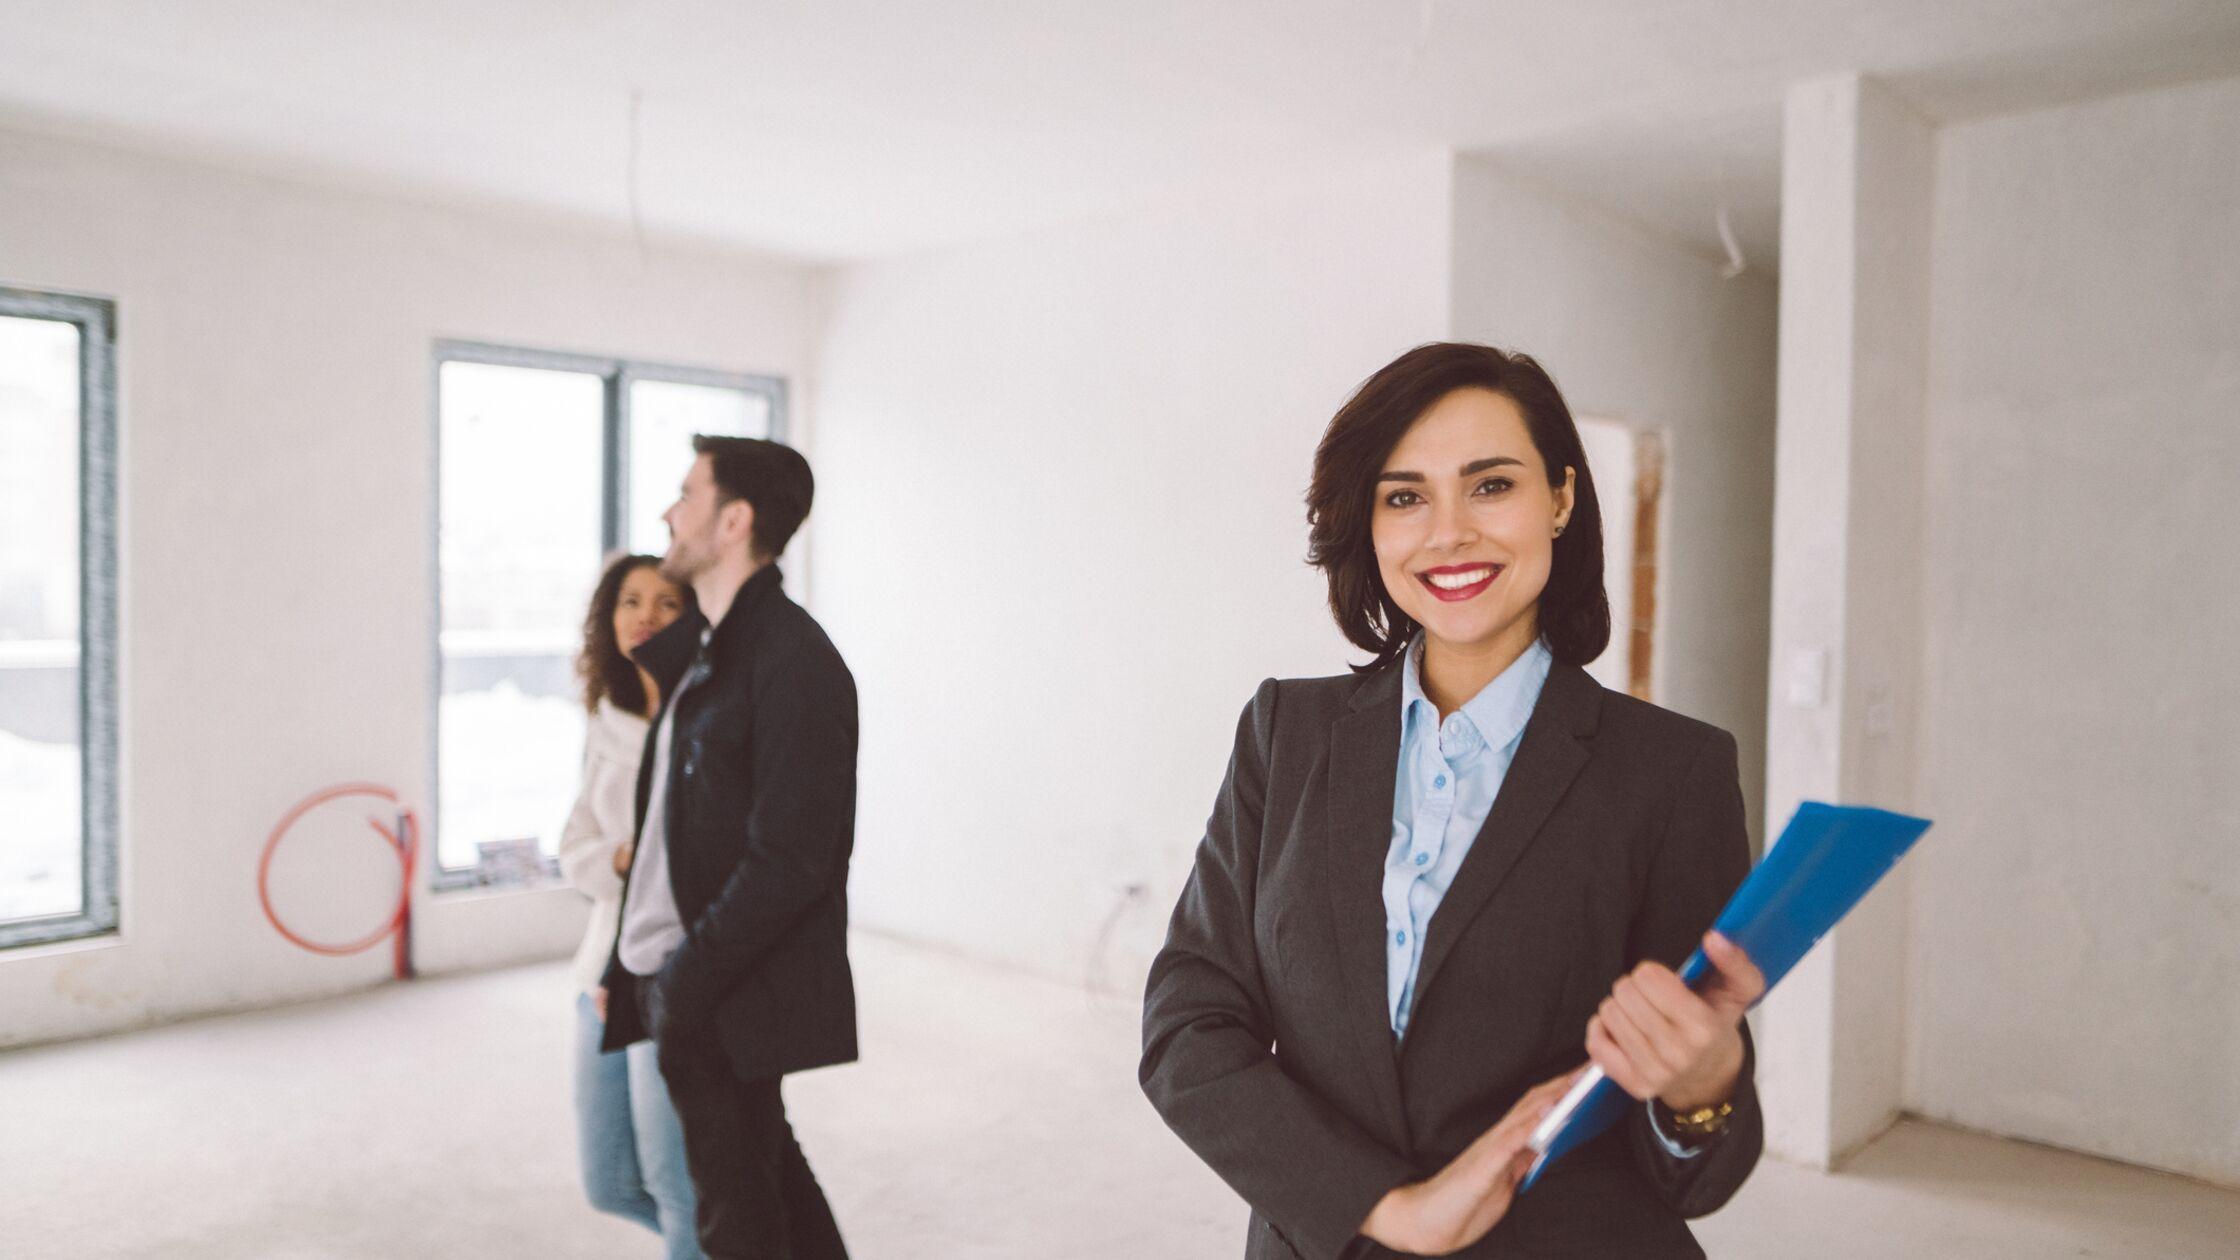 Vermieterin zeigt jungem Paar die Wohnung